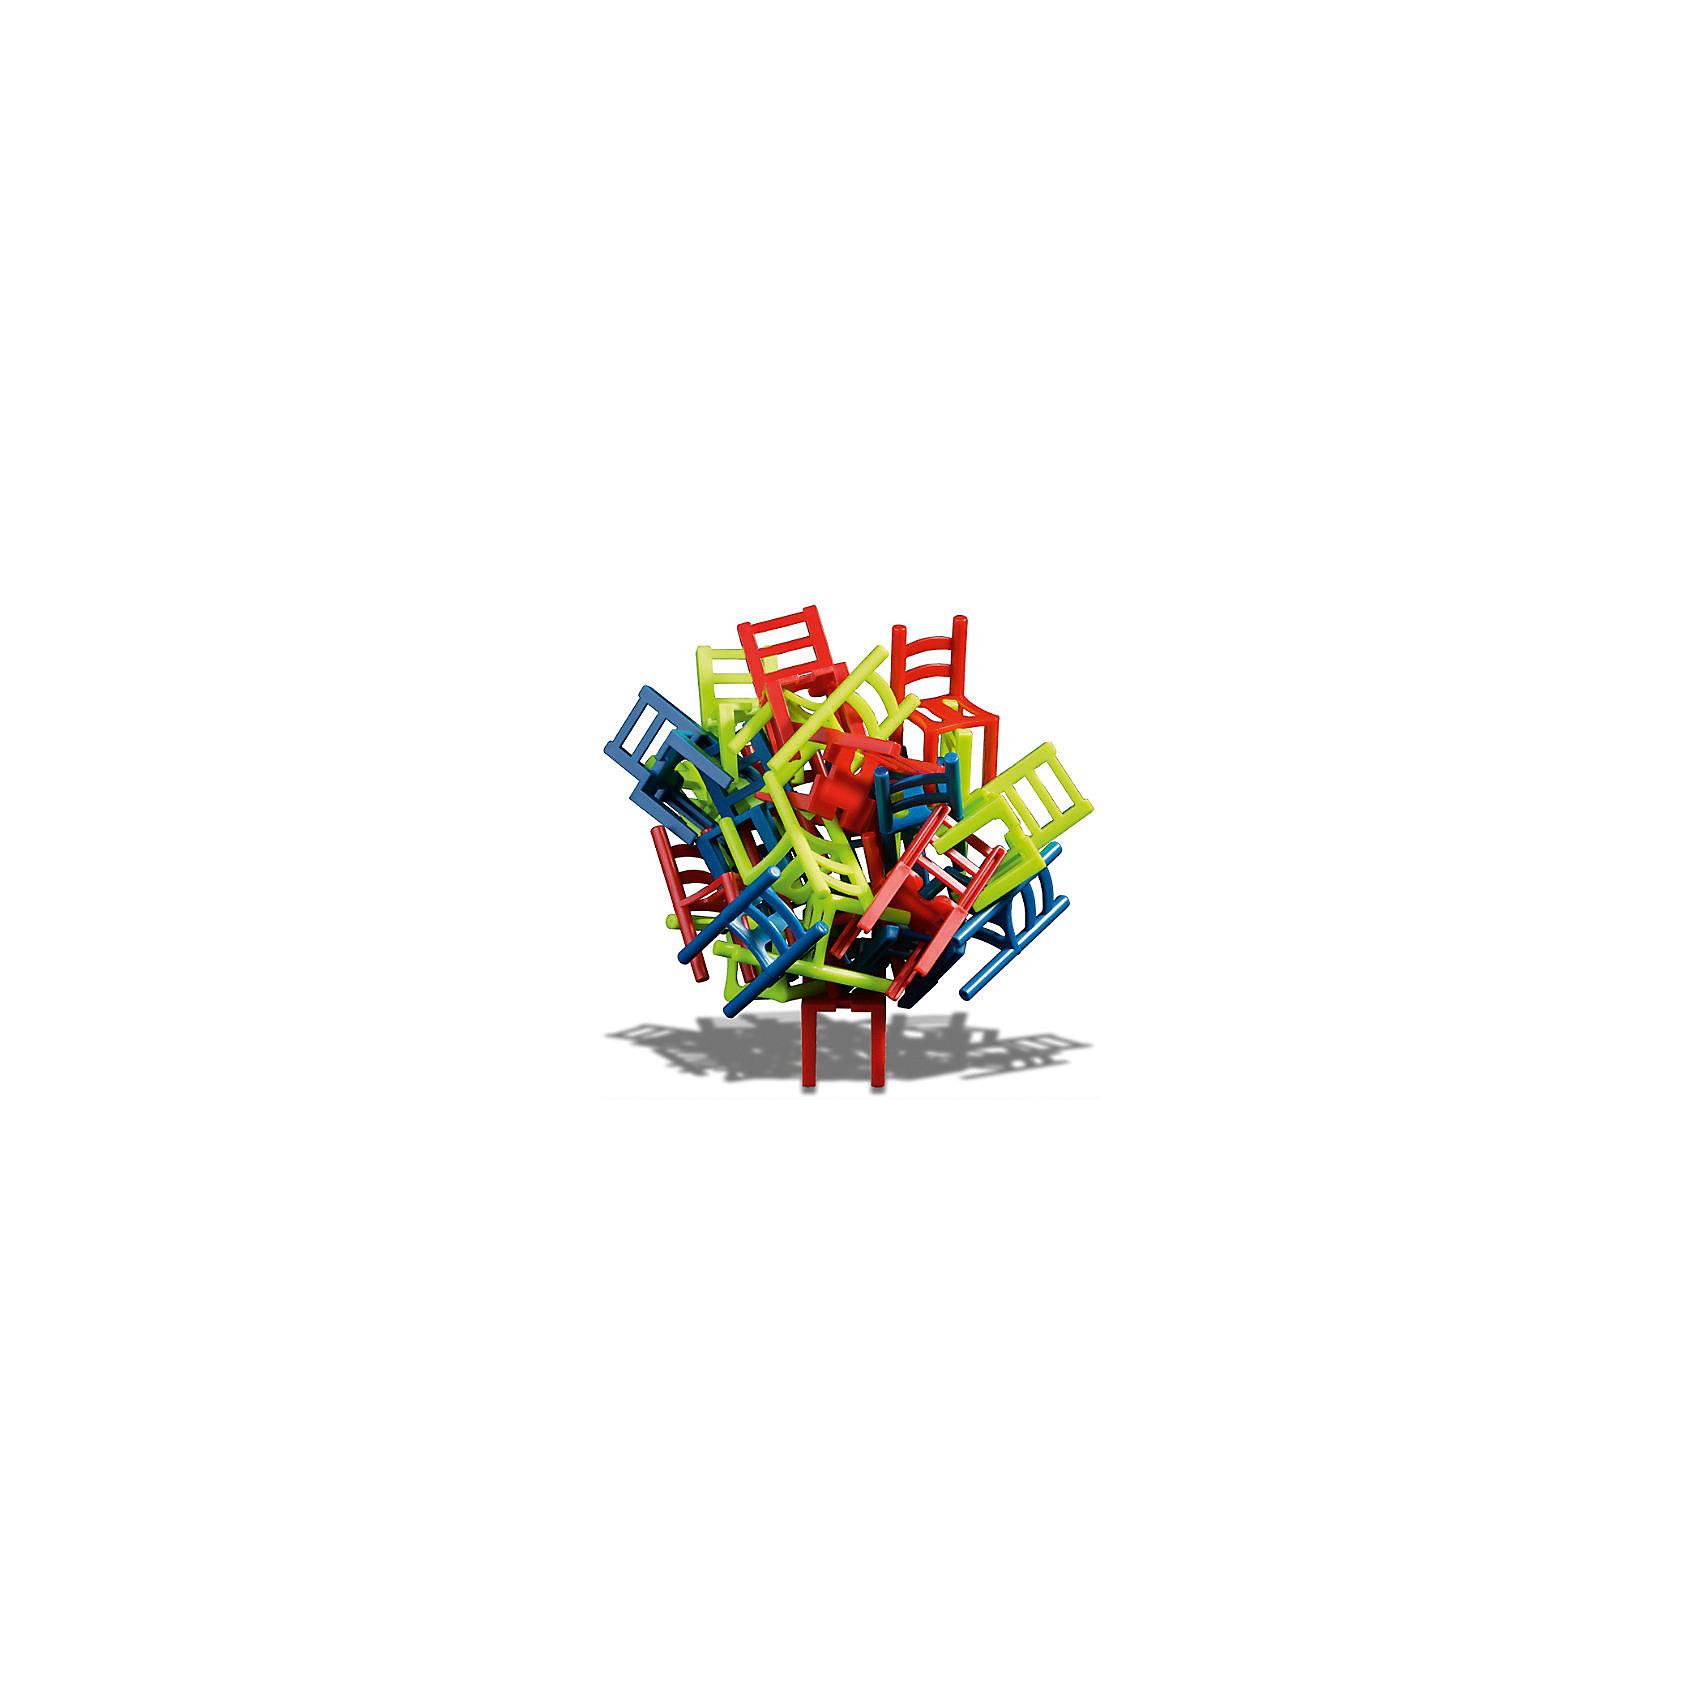 Игра Mistakos,  TreflИгры для развлечений<br>Игра Mistakos, Trefl - необычная увлекательная игра, в которую можно играть всей семьей и любой компанией независимо от возраста. В игре участвуют от 1 до 3 игроков. В комплекте Вы найдете 24 разноцветных ярких стула (8 зеленых, 8 синих и 8 красных), которые участники по очереди водружают друг на друга. По правилам игры, на игровом столе может стоять только один стул, все остальные нужно размещать так, чтобы их ножки не касались поверхности стола. Соперники каждый раз пытаются установить свой стул так, чтобы усложнить задачу следующему участнику, ведь стоит сделать неверный ход, как башня из стульев обвалится. Игрок, который потерпел неудачу, забирает себе все упавшие во время его хода стулья, другой вариант игры предусматривает начисление штрафных очков по количеству упавших стульев. Побеждает участник, который первым избавился от своих стульев или набравший минимальное количество штрафных очков по итогов нескольких раундов. Игра развивает пространственное мышление, логику и стратегические способности.<br><br>Дополнительная информация:<br><br>- В комплекте: 24 игрушечных стула, инструкция к игре. <br>- Материал: пластик.<br>- Размер упаковки: 26 х 8 х 26 см.<br>- Вес: 0,6 кг.<br><br>Игру Mistakos, Trefl, можно купить в нашем интернет-магазине.<br><br>Ширина мм: 260<br>Глубина мм: 260<br>Высота мм: 80<br>Вес г: 600<br>Возраст от месяцев: 60<br>Возраст до месяцев: 1188<br>Пол: Унисекс<br>Возраст: Детский<br>SKU: 4043689